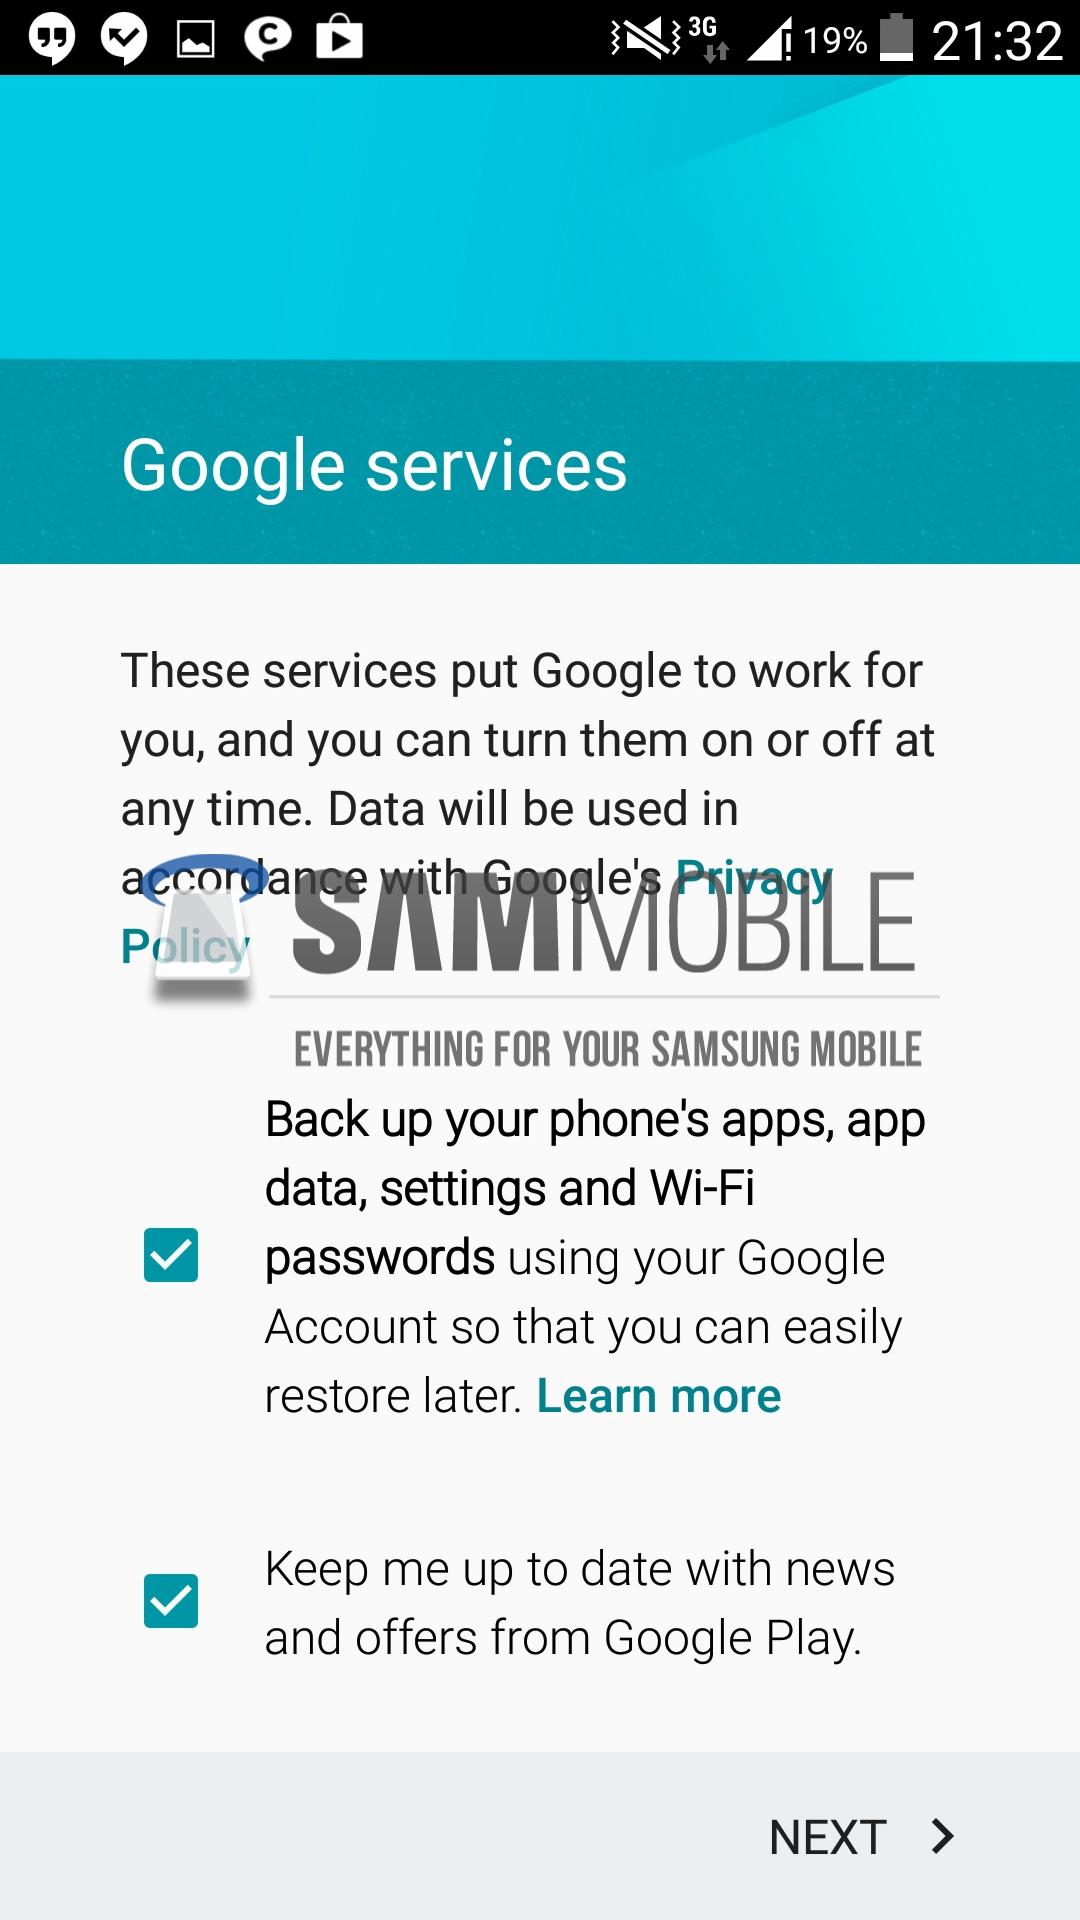 Configuración de cuenta de Google